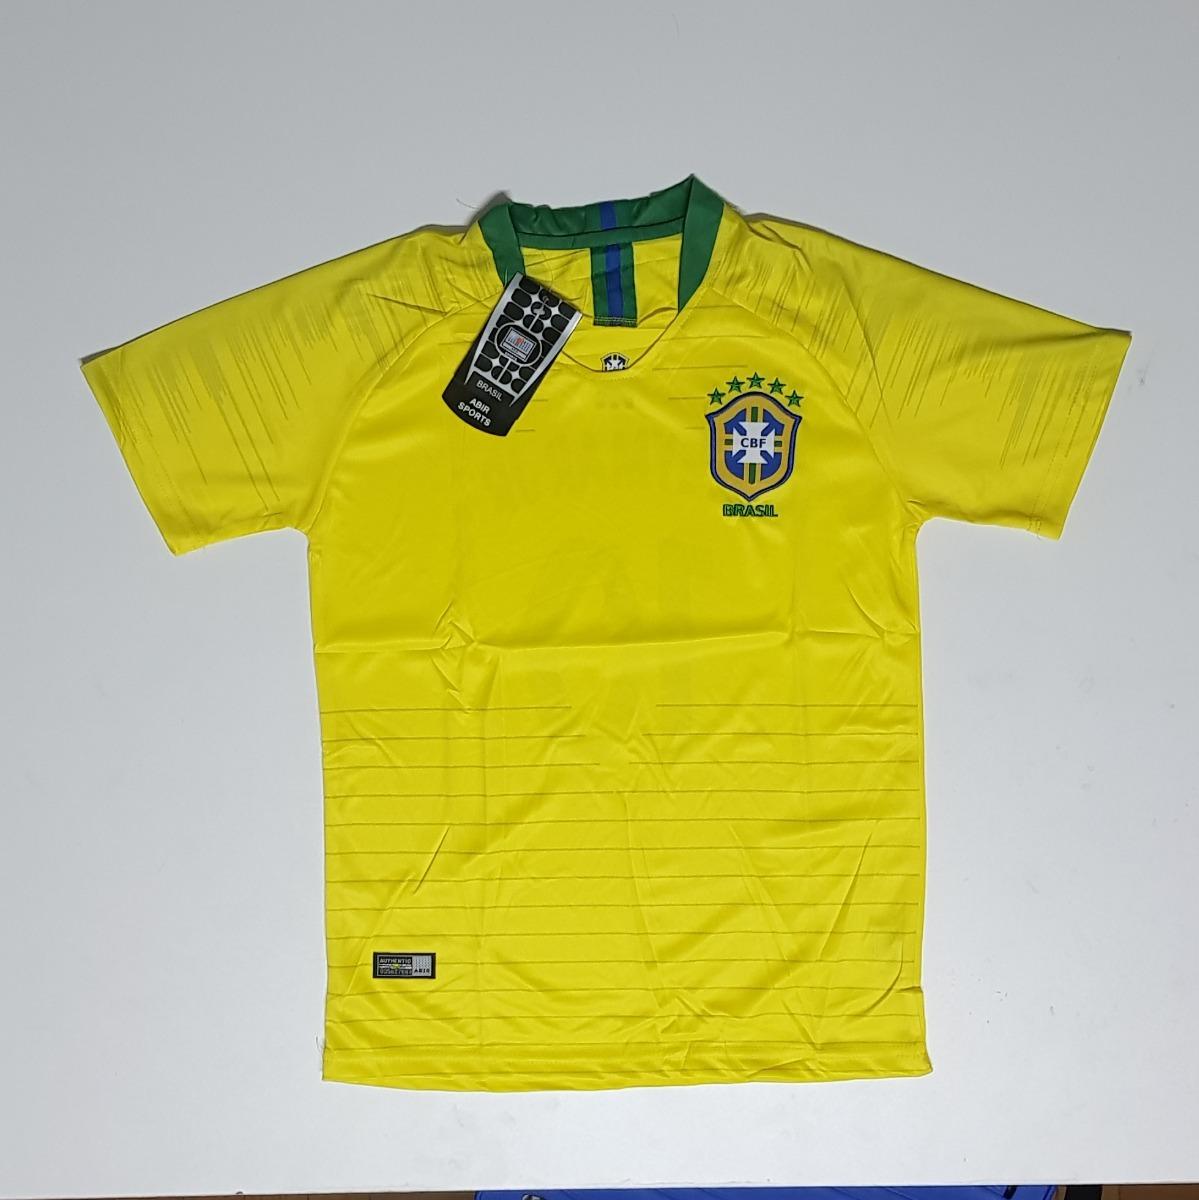 4ba8da6e5c camiseta do brasil oficial original 2018. Carregando zoom.